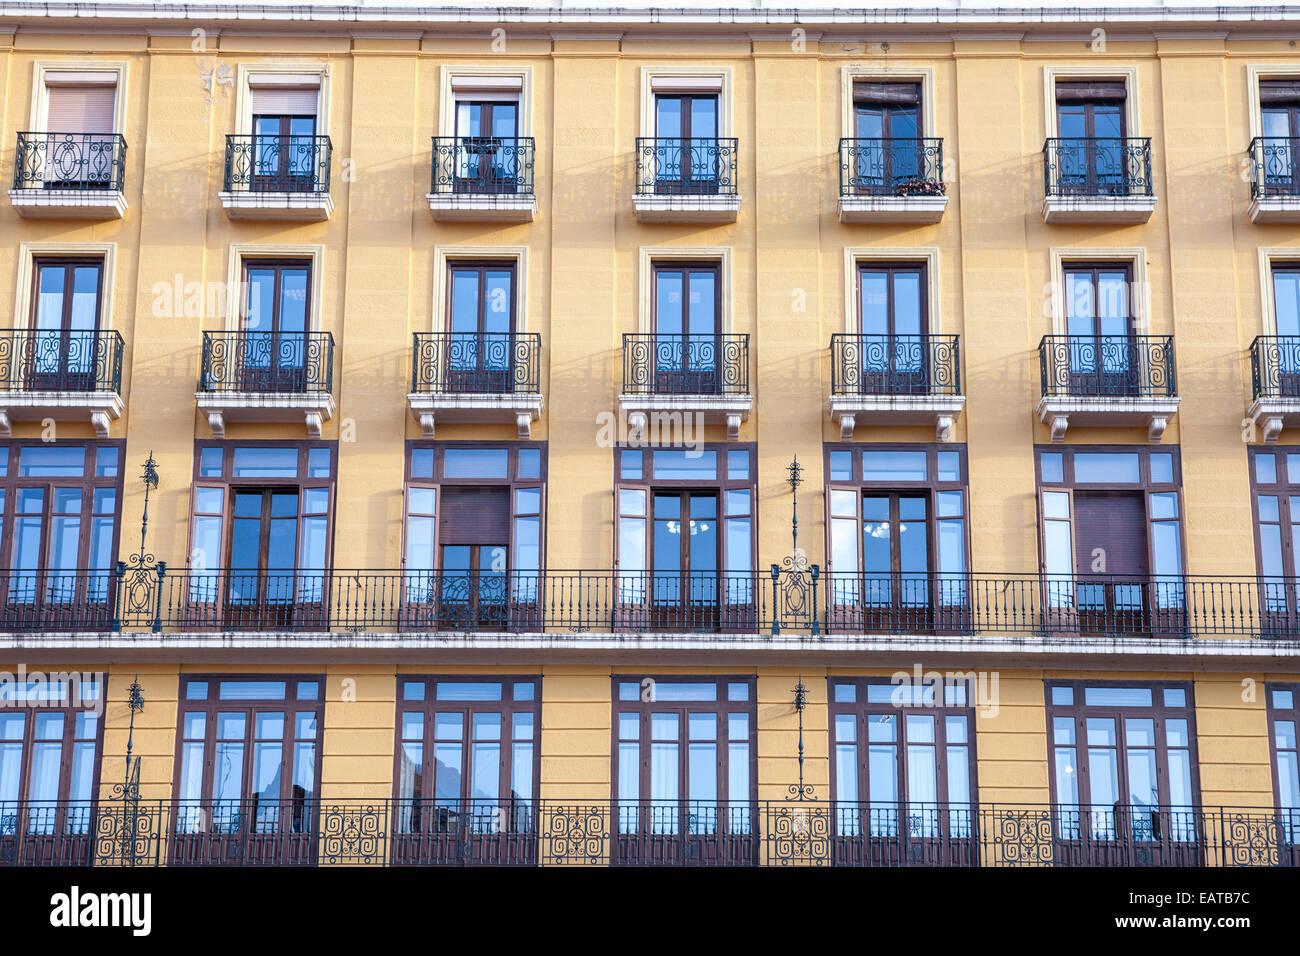 Burgos city, Way of St. James, Burgos, Spain - Stock Image